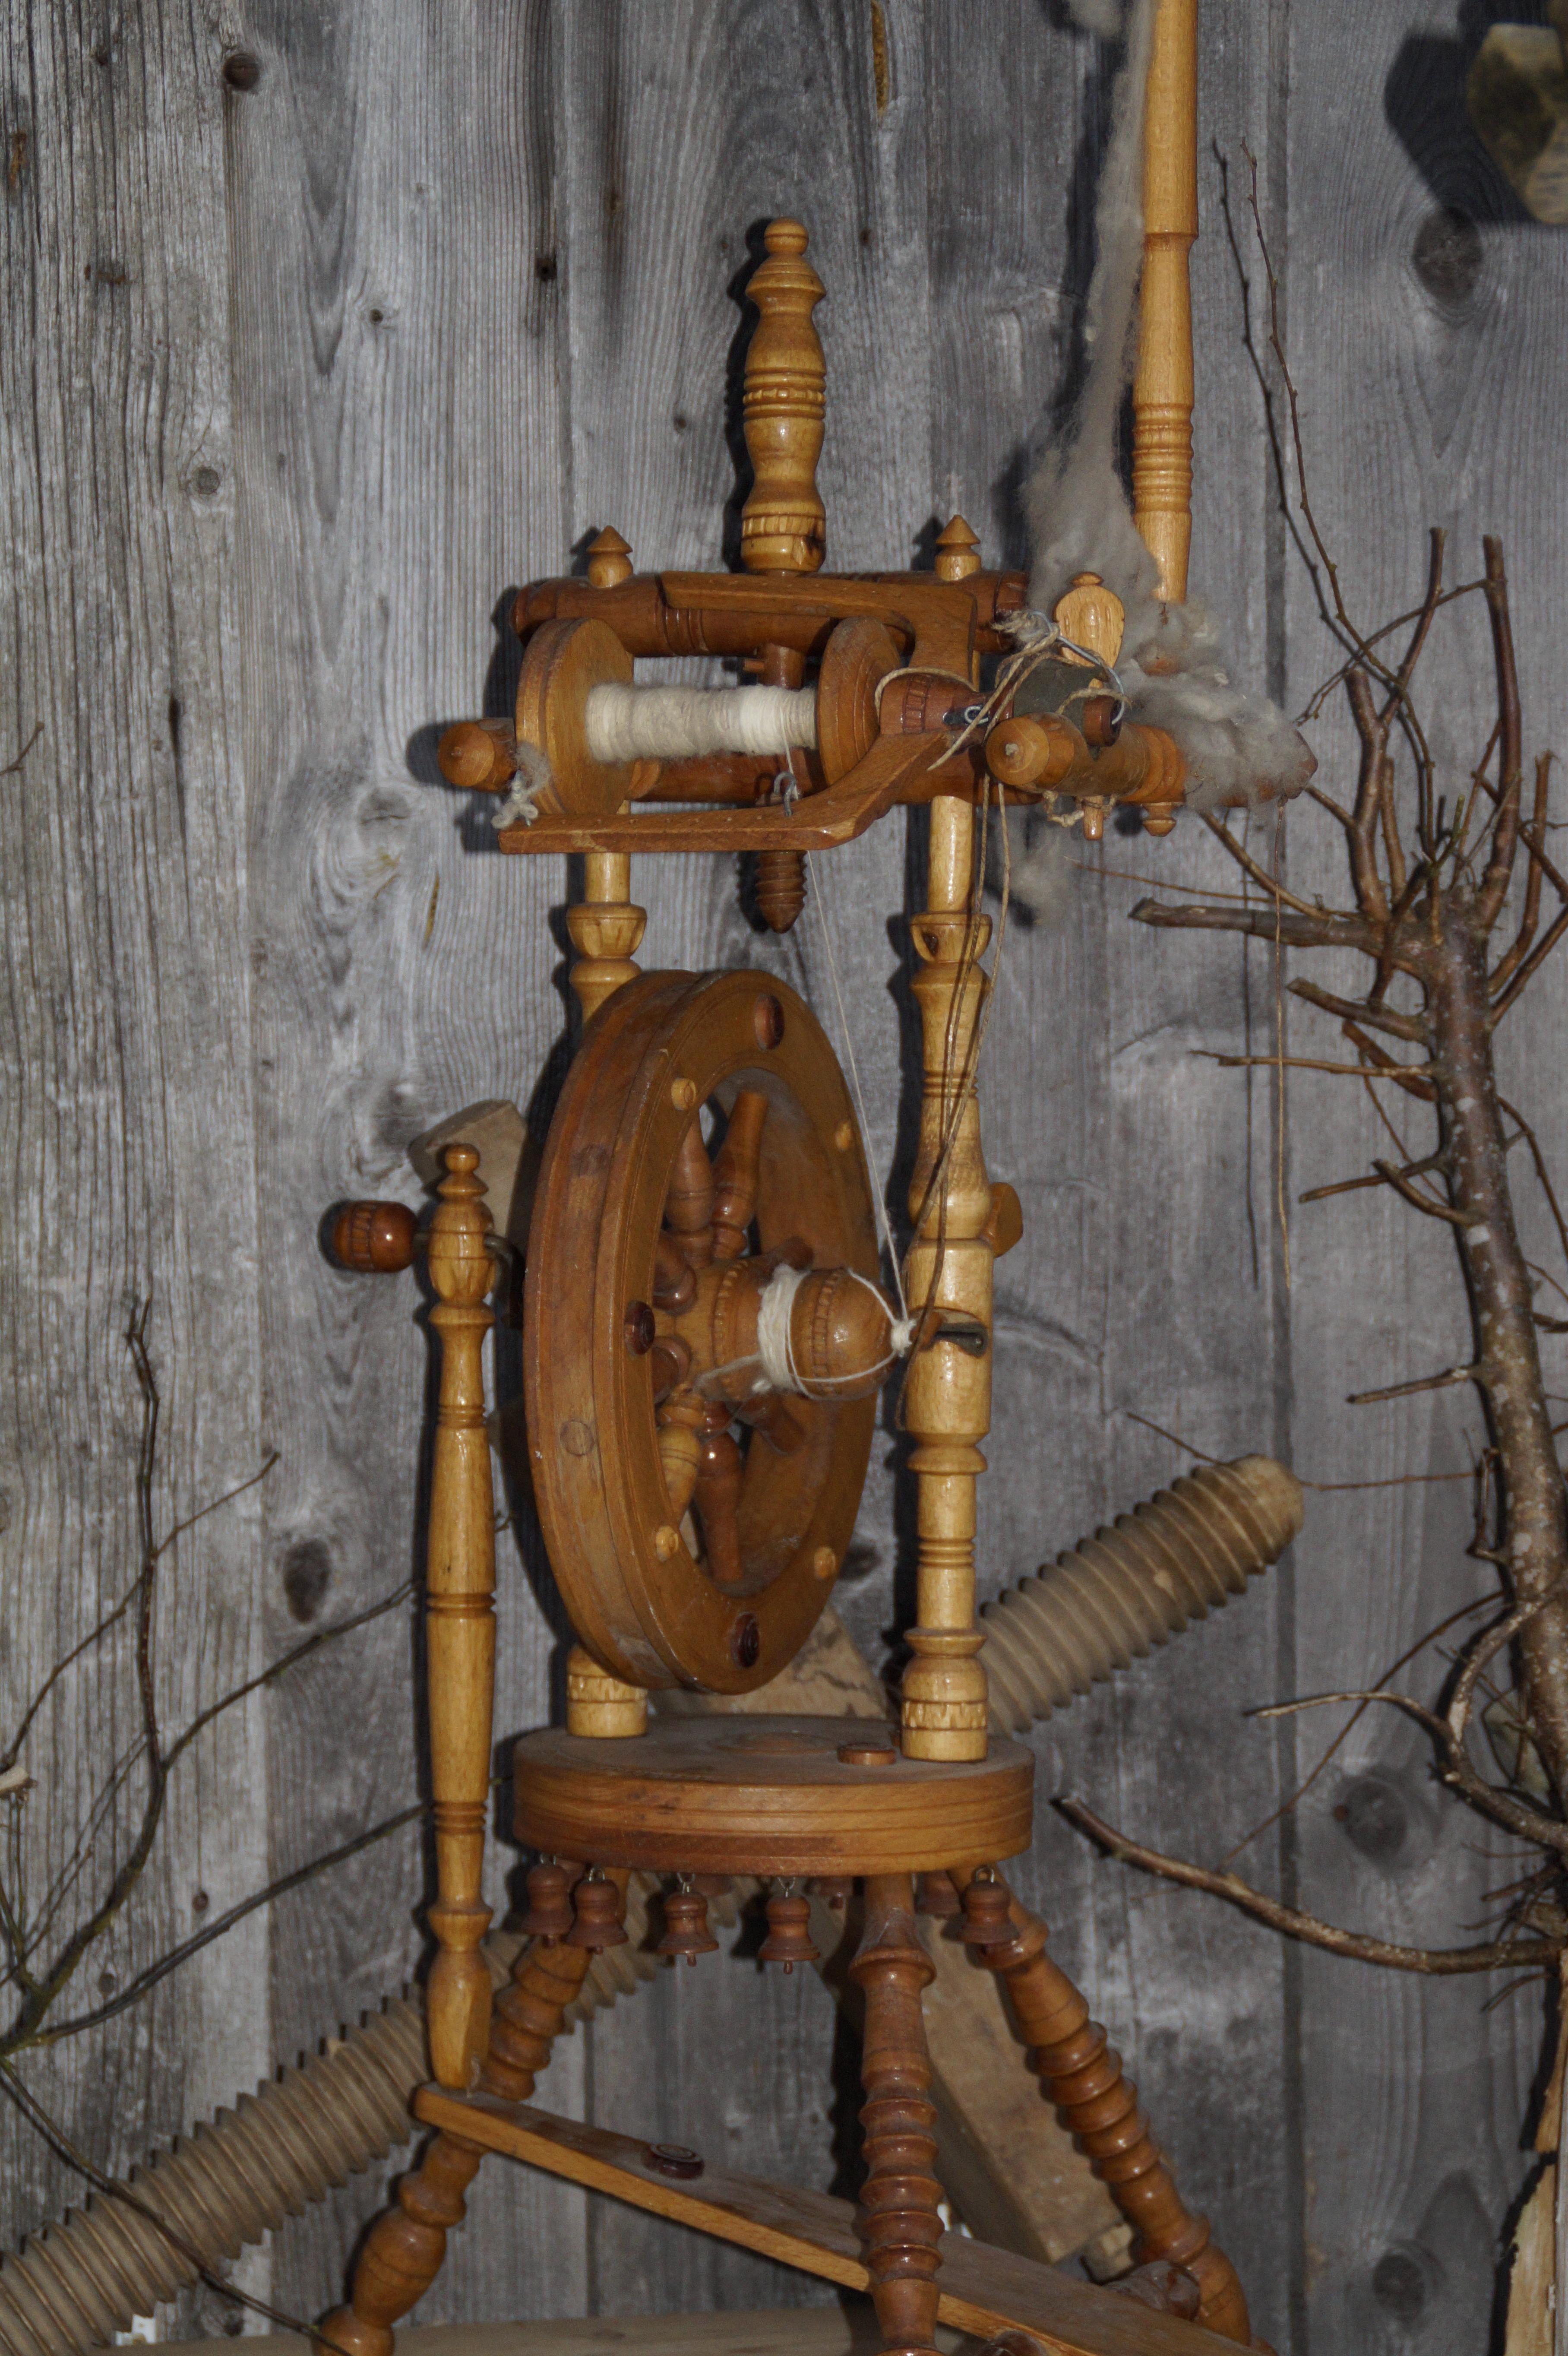 Old Spinning Wheel Free Image